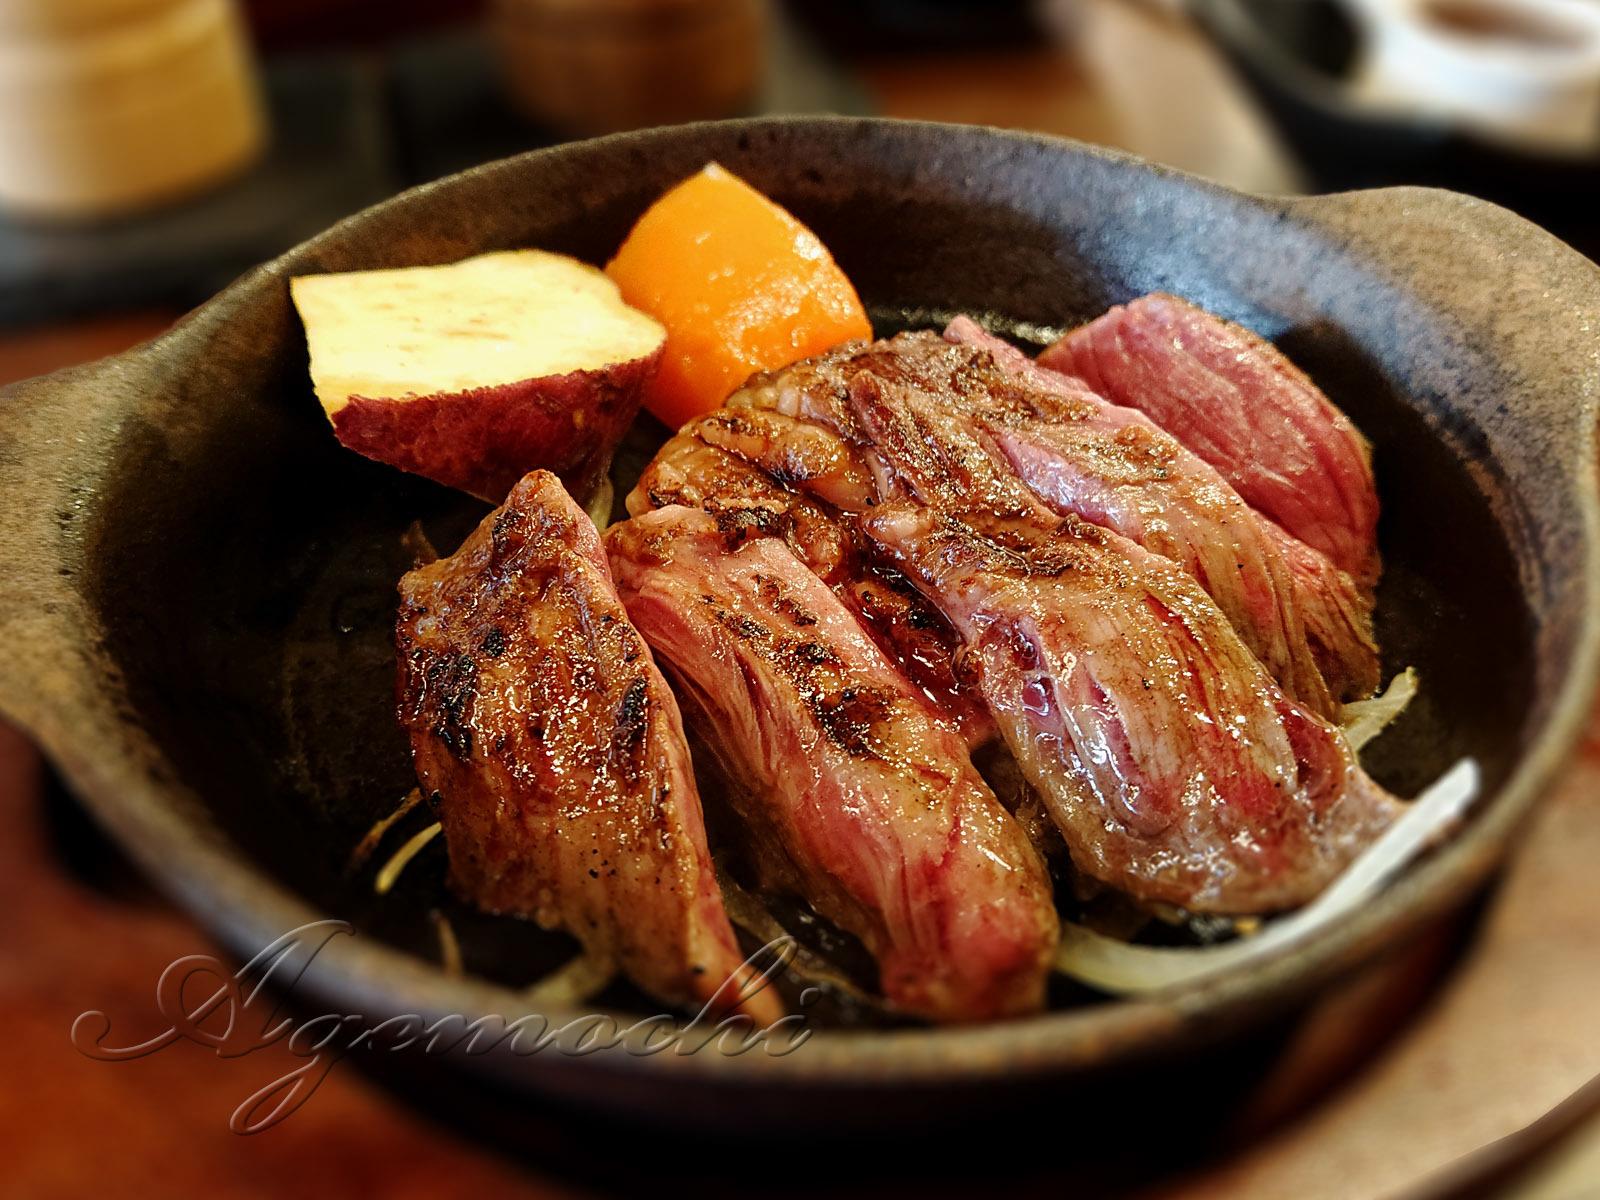 meating_haramisteak.jpg